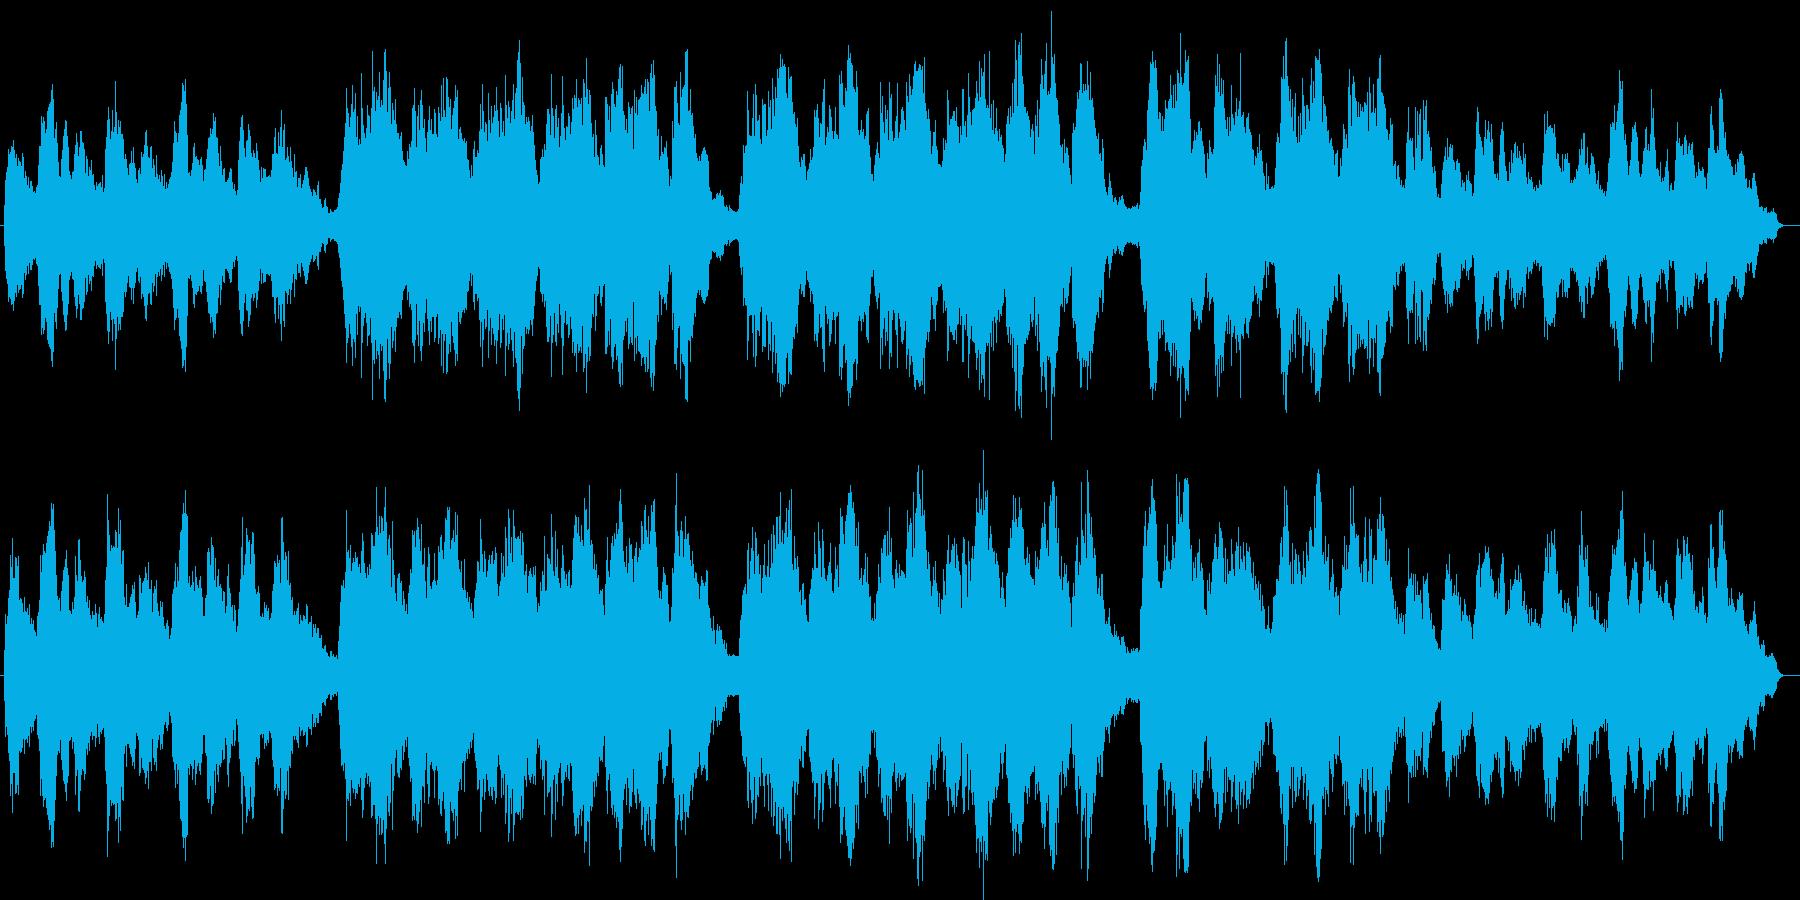 水が輝く印象のシンセサイザーヒーリング曲の再生済みの波形